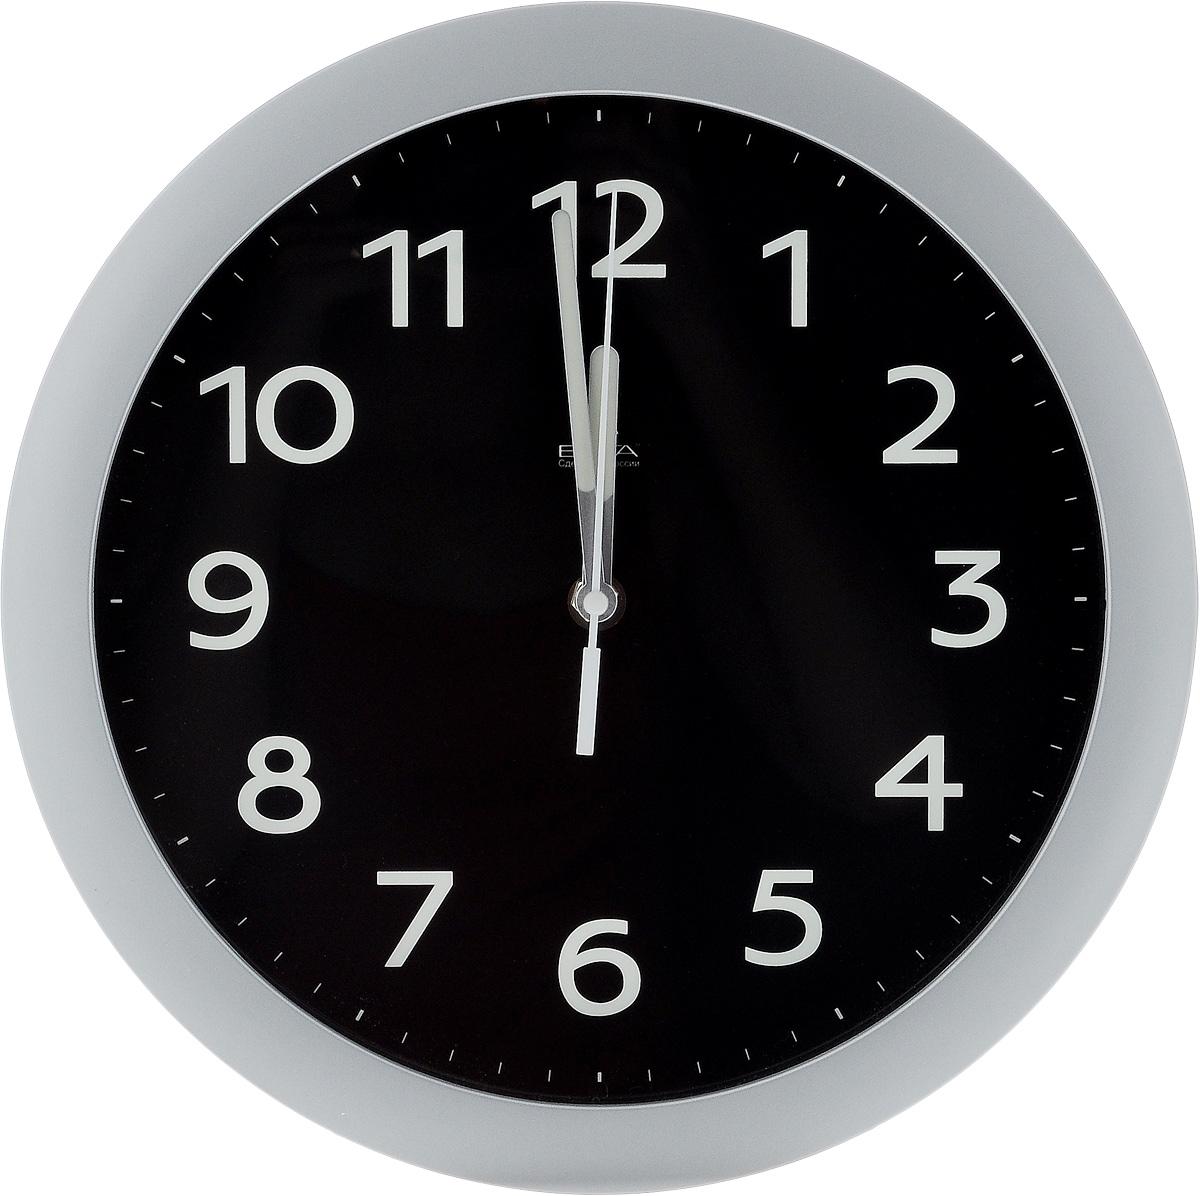 Часы настенные Вега Фосфор, диаметр 28,5 смП1-серебро/6-212Настенные кварцевые часы Вега Фосфор, изготовленные из пластика, прекрасно впишутся в интерьер вашего дома. Круглые часы имеют три стрелки: часовую, минутную и секундную, циферблат защищен прозрачным стеклом. Часы работают от 1 батарейки типа АА напряжением 1,5 В (не входит в комплект). Диаметр часов: 28,5 см.